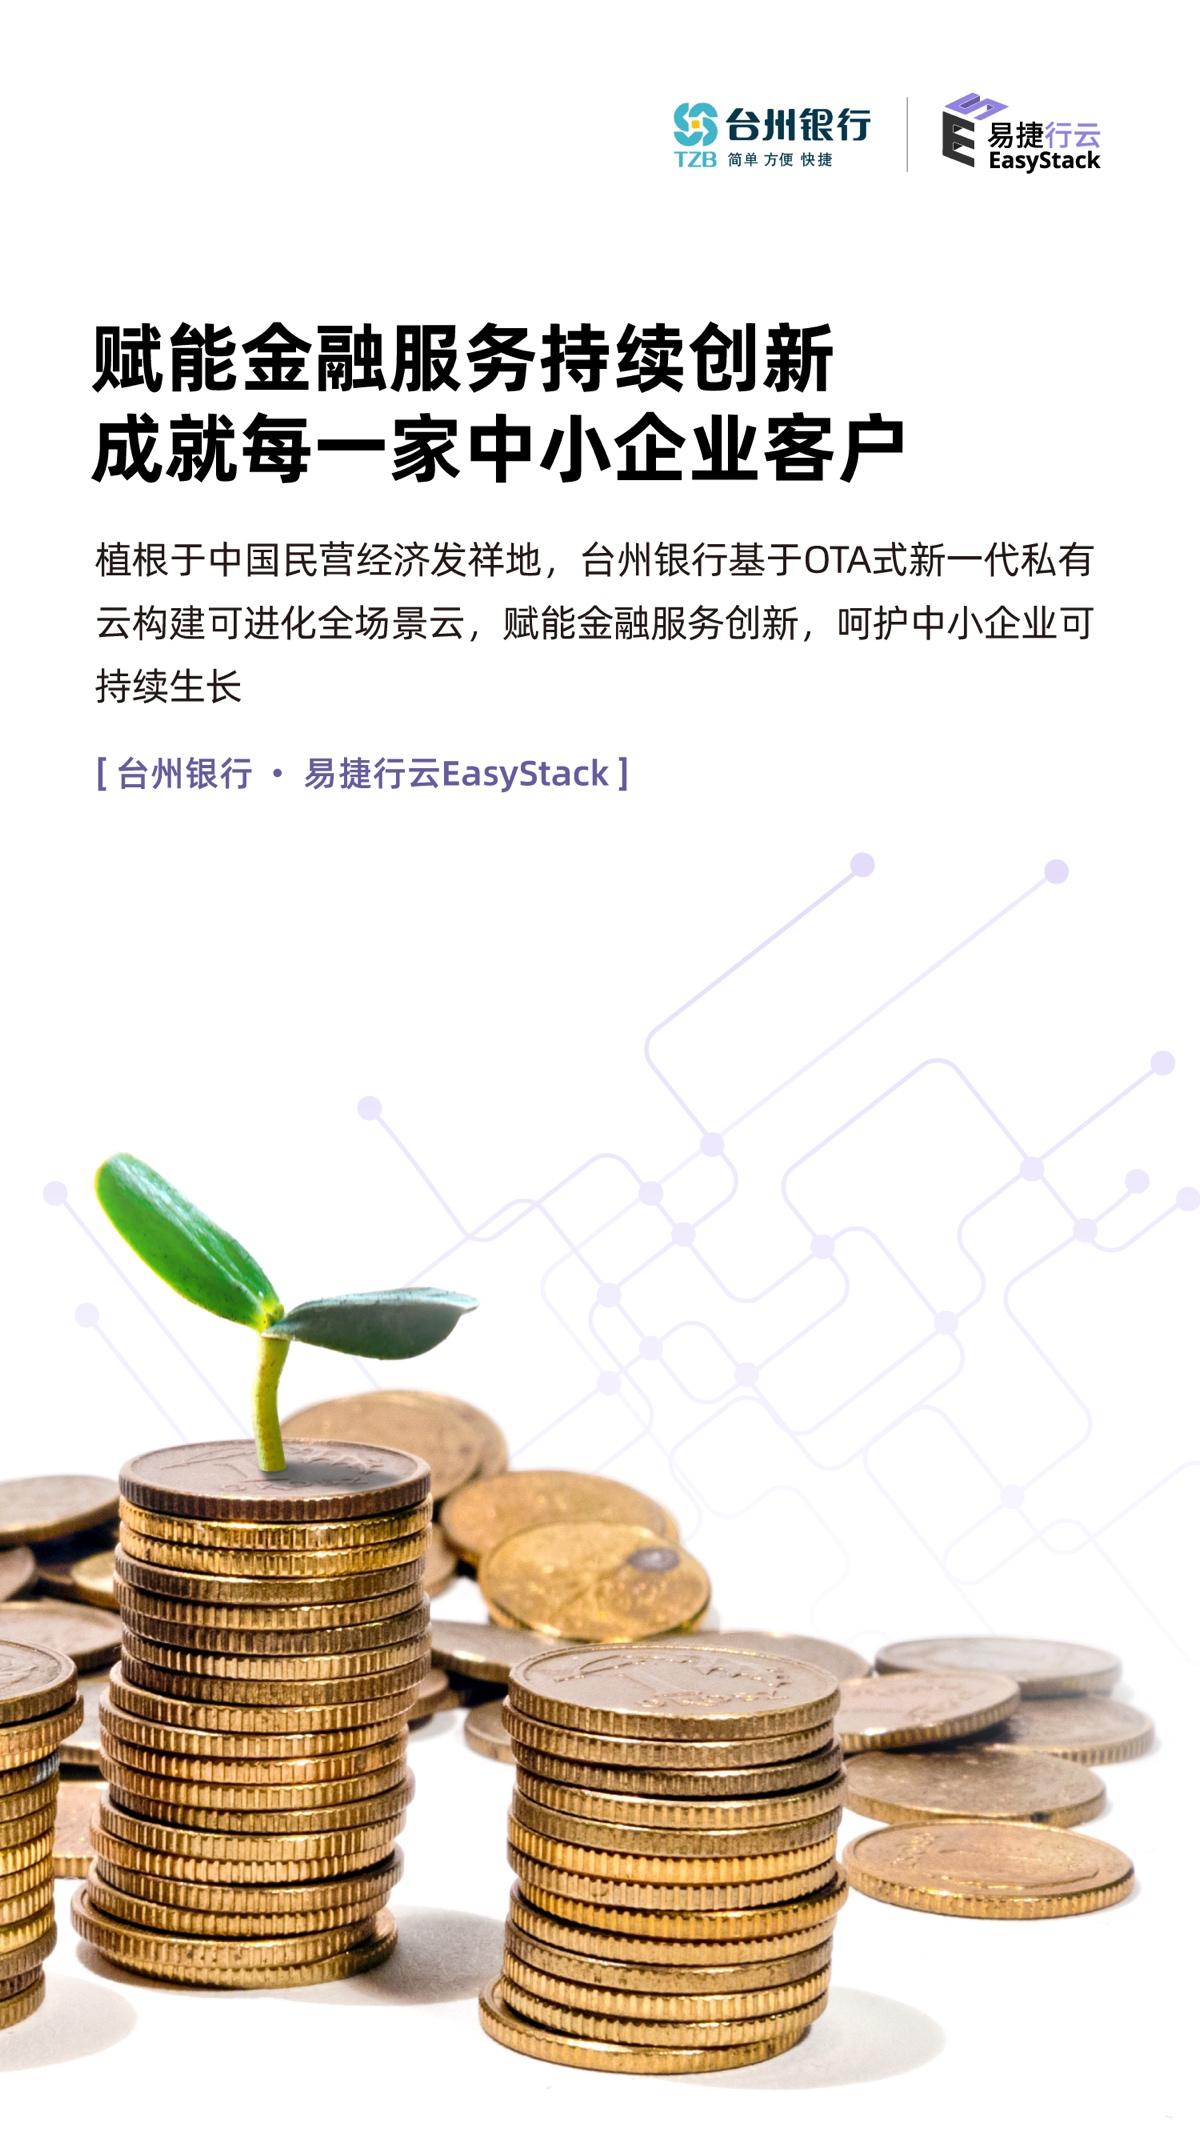 新一代私有云赋能商业创新,易捷行云EasyStack助力台州银行全面建设私有云平台